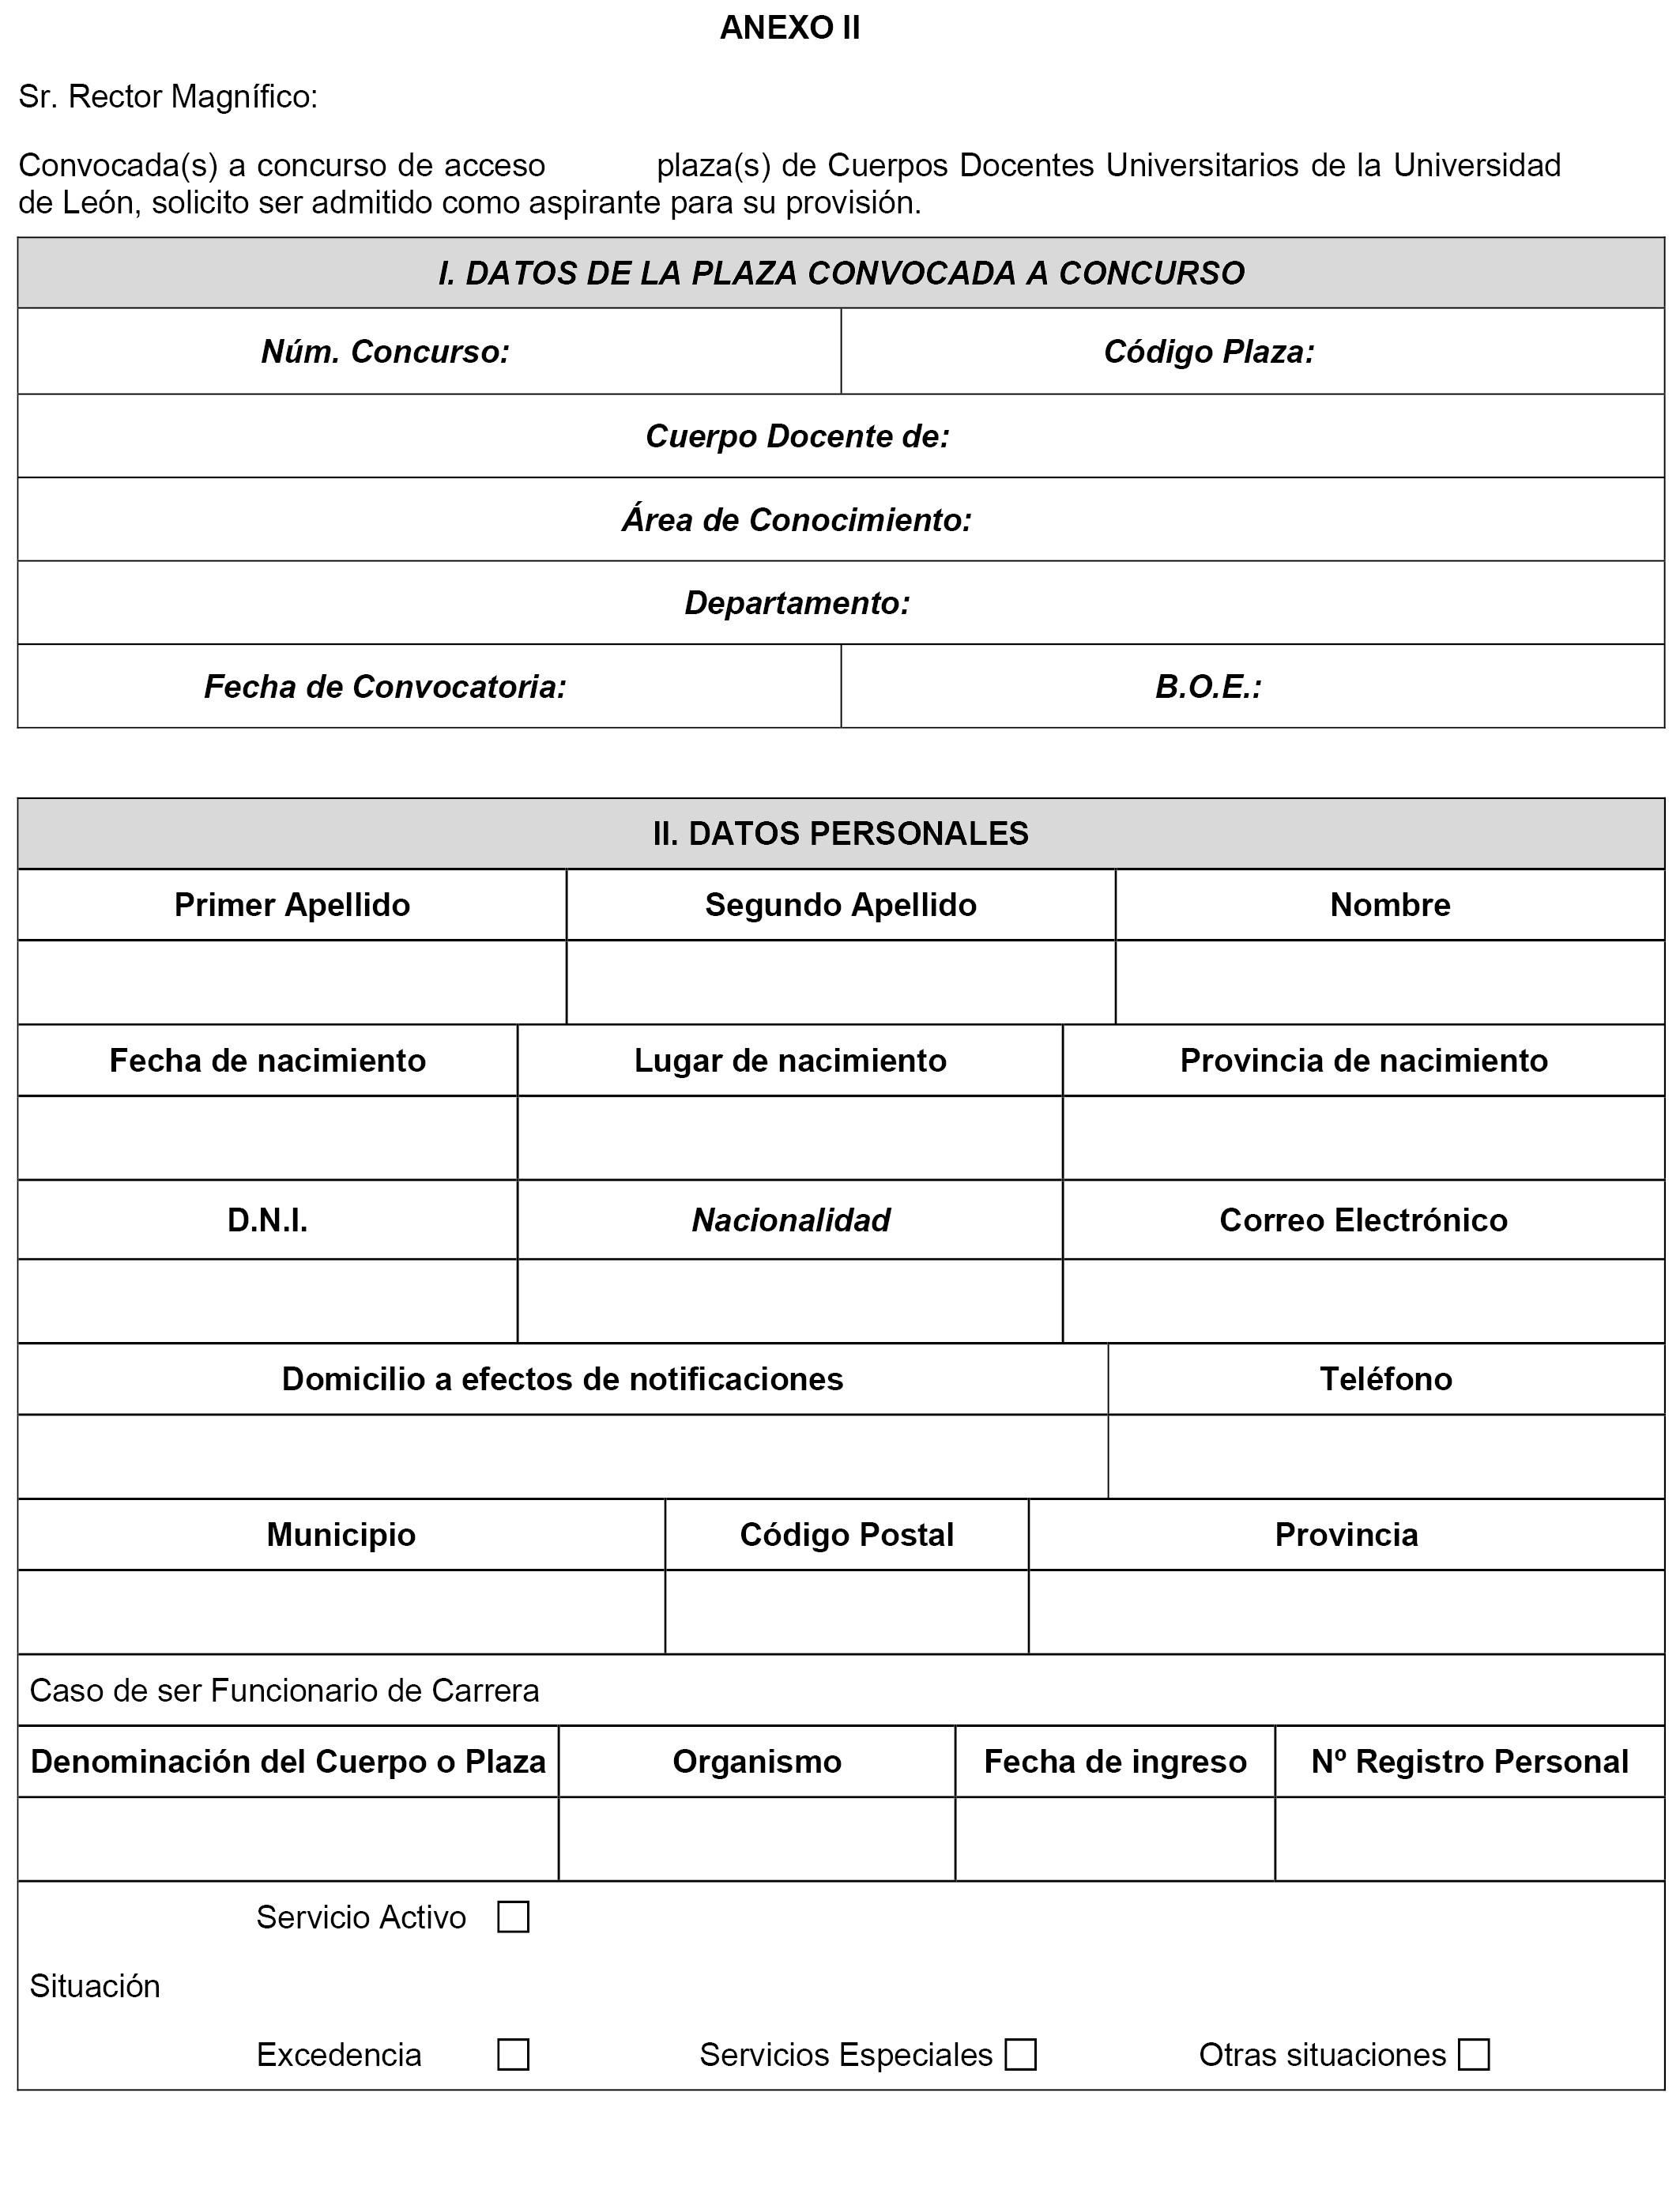 Calendario 2019 Region De Murcia Más Populares Boe Documento Boe A 2019 1208